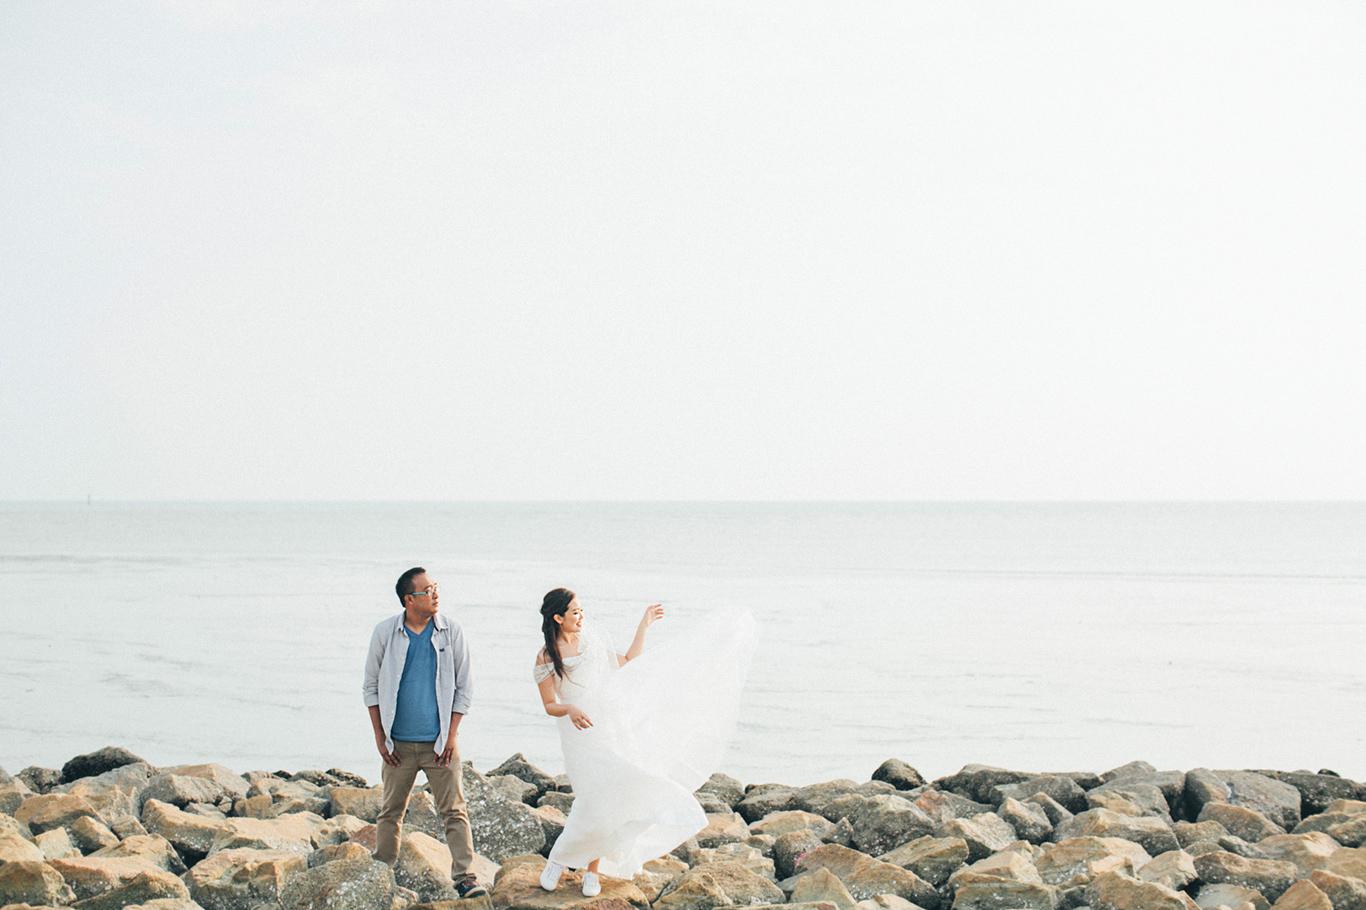 20-hellojanelee-sekinchan-prewedding-engagement-malaysia